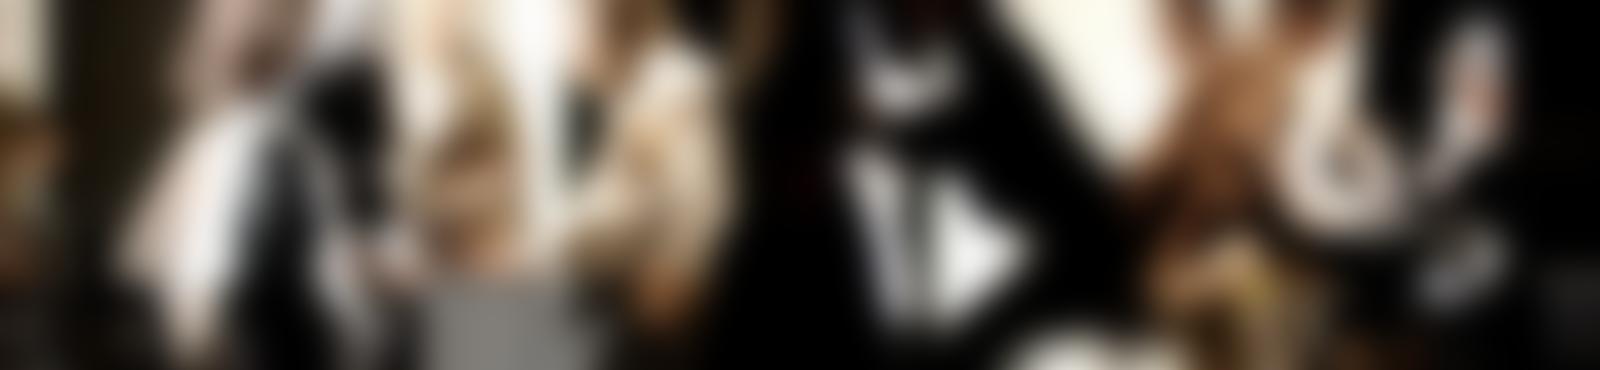 Blurred 4fa3cbc3 e9fc 4937 af56 34b6210fc7b7